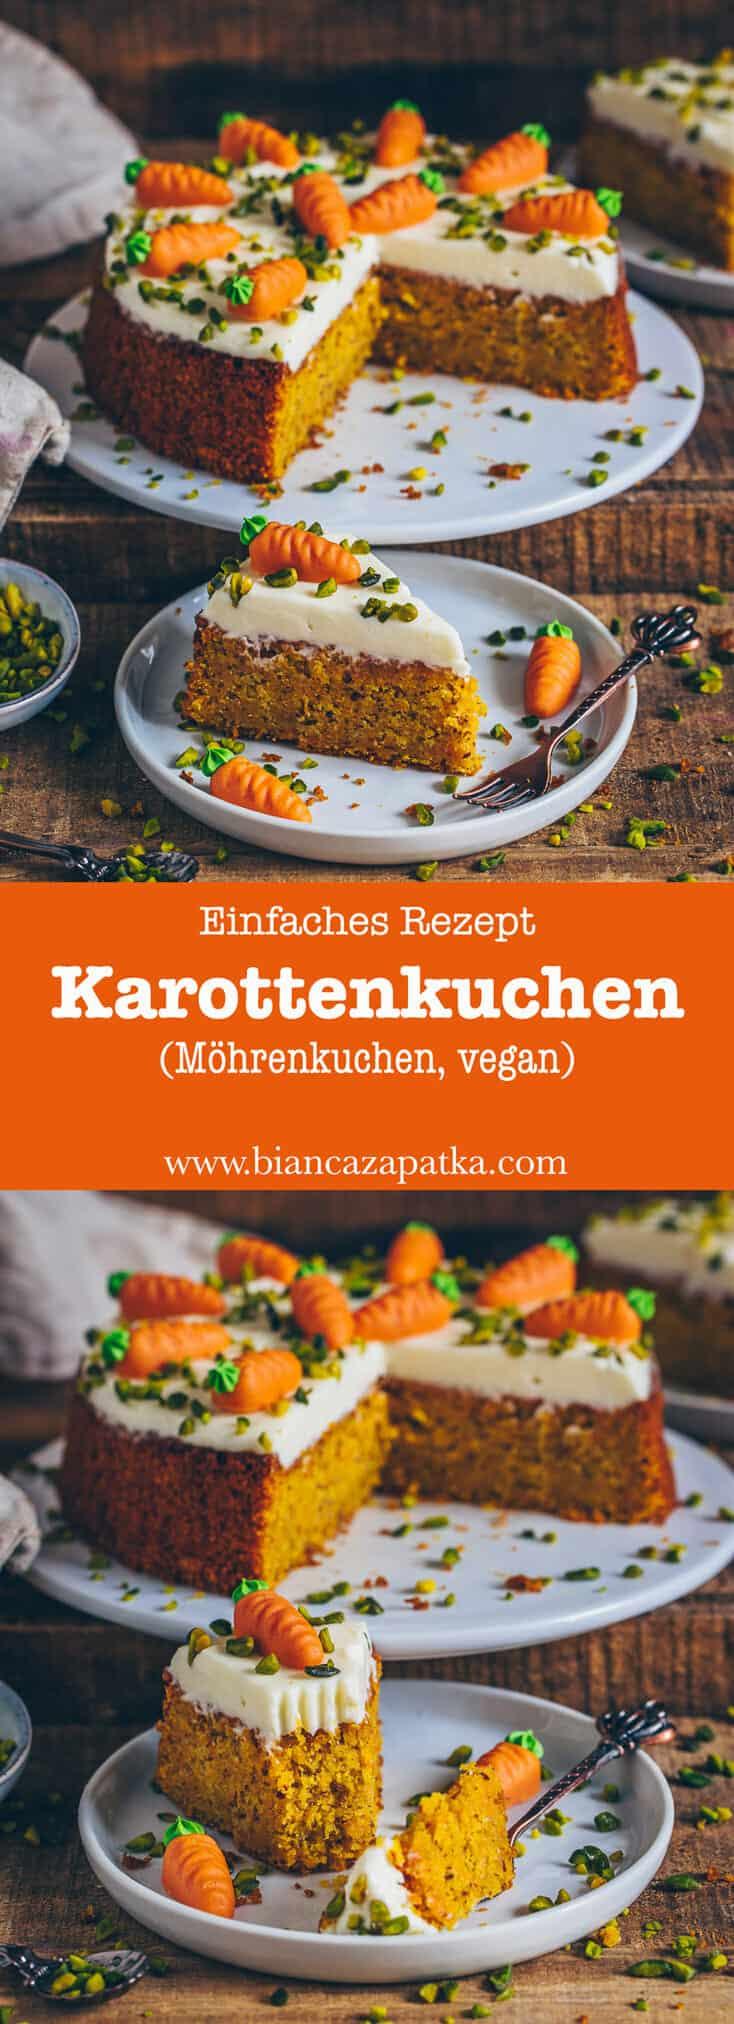 Karottenkuchen (Möhrenkuchen, Rüblikuchen) (vegan, einfach, gesund)